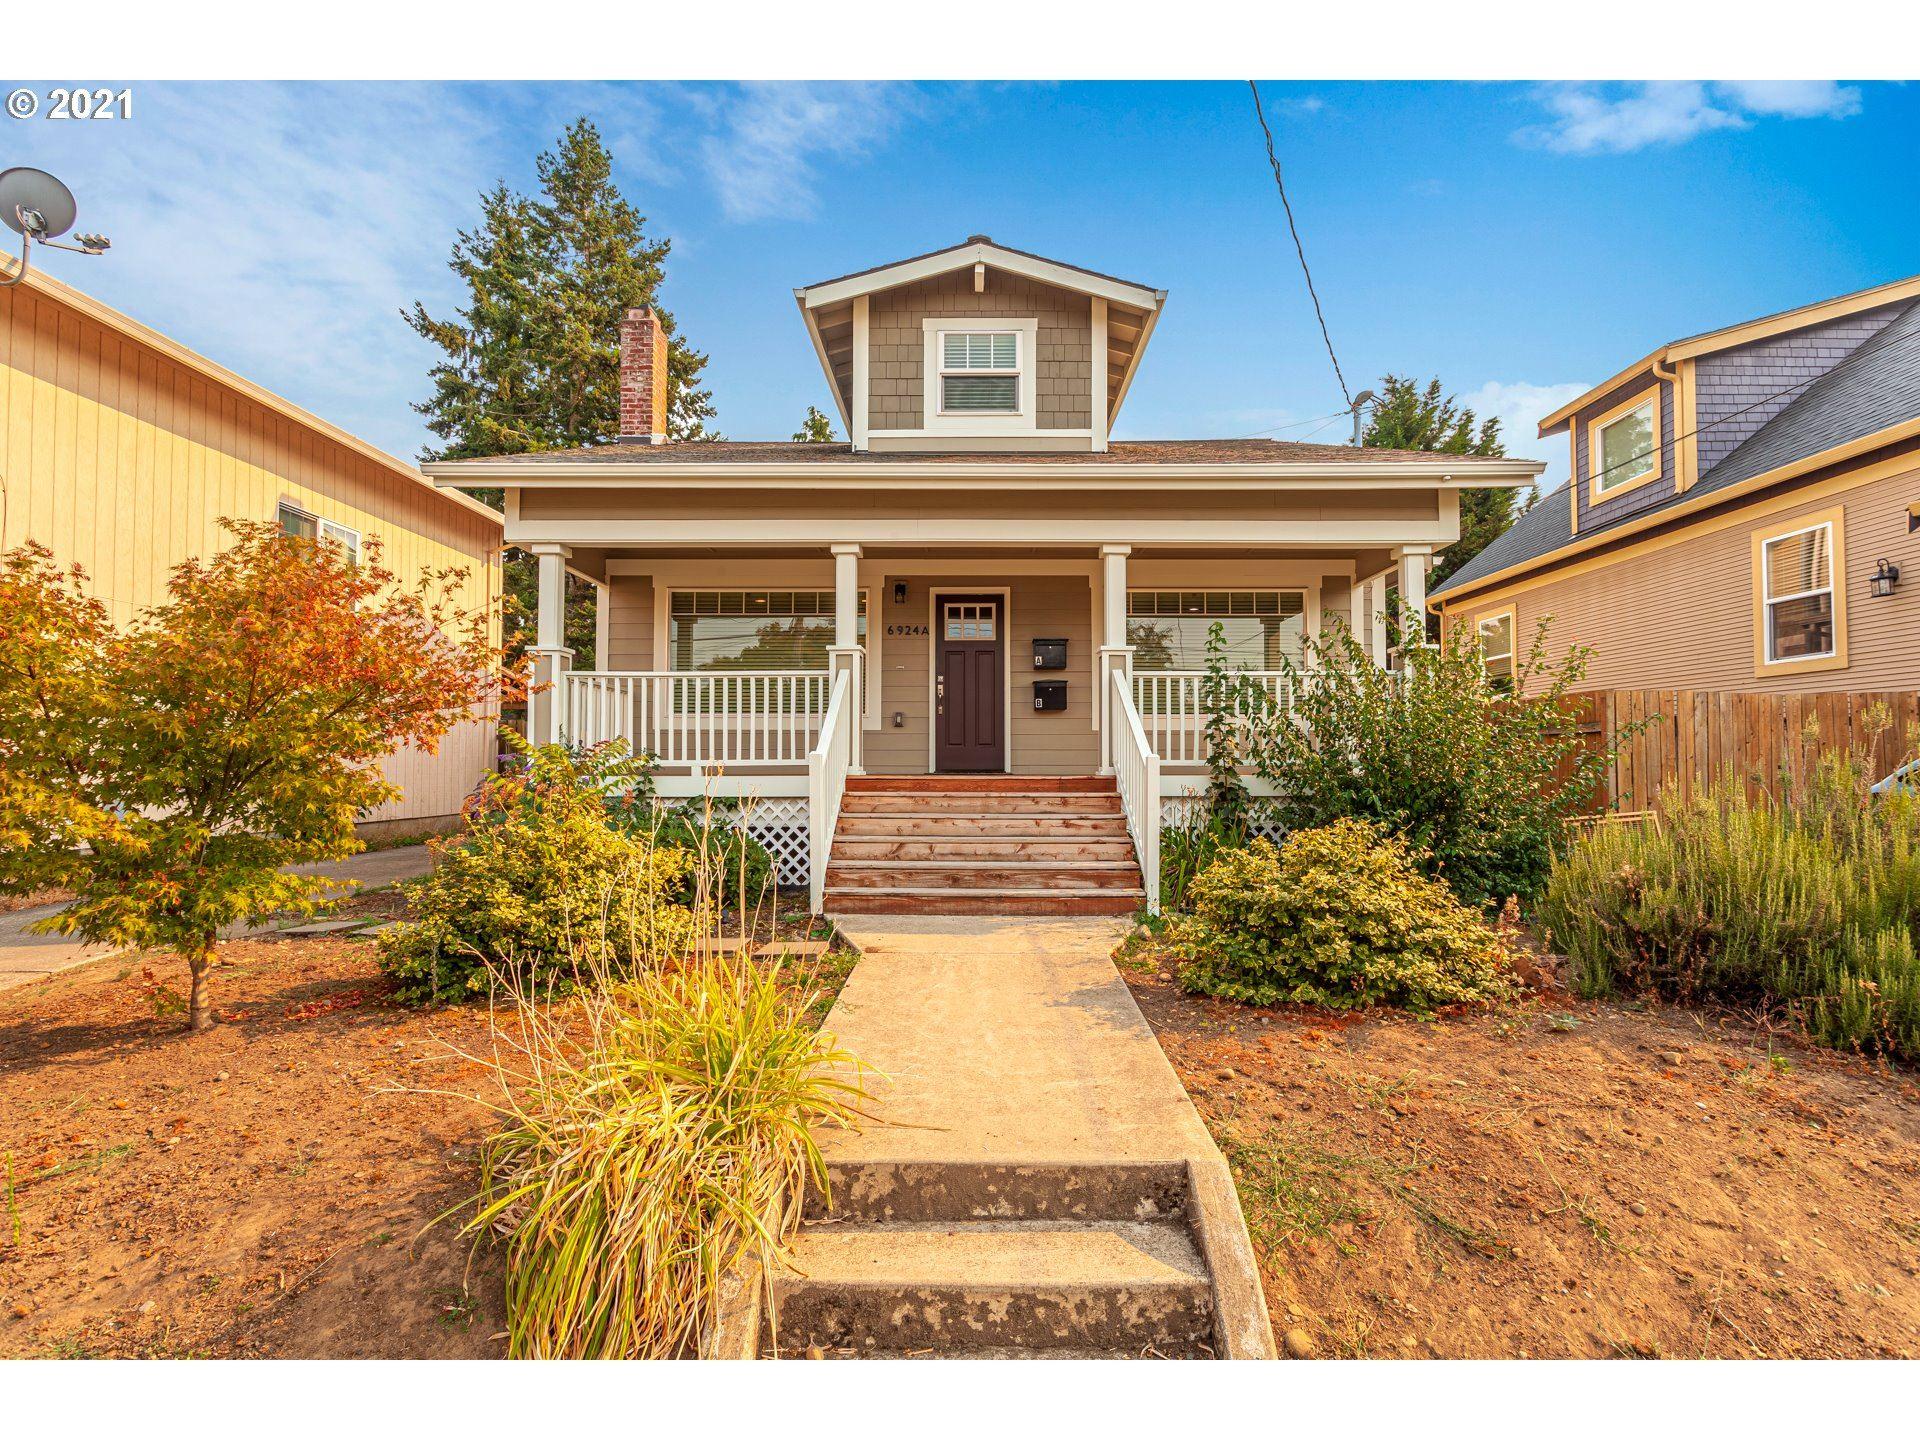 6924 SE MARTINS ST, Portland, OR 97206 - MLS#: 21673778